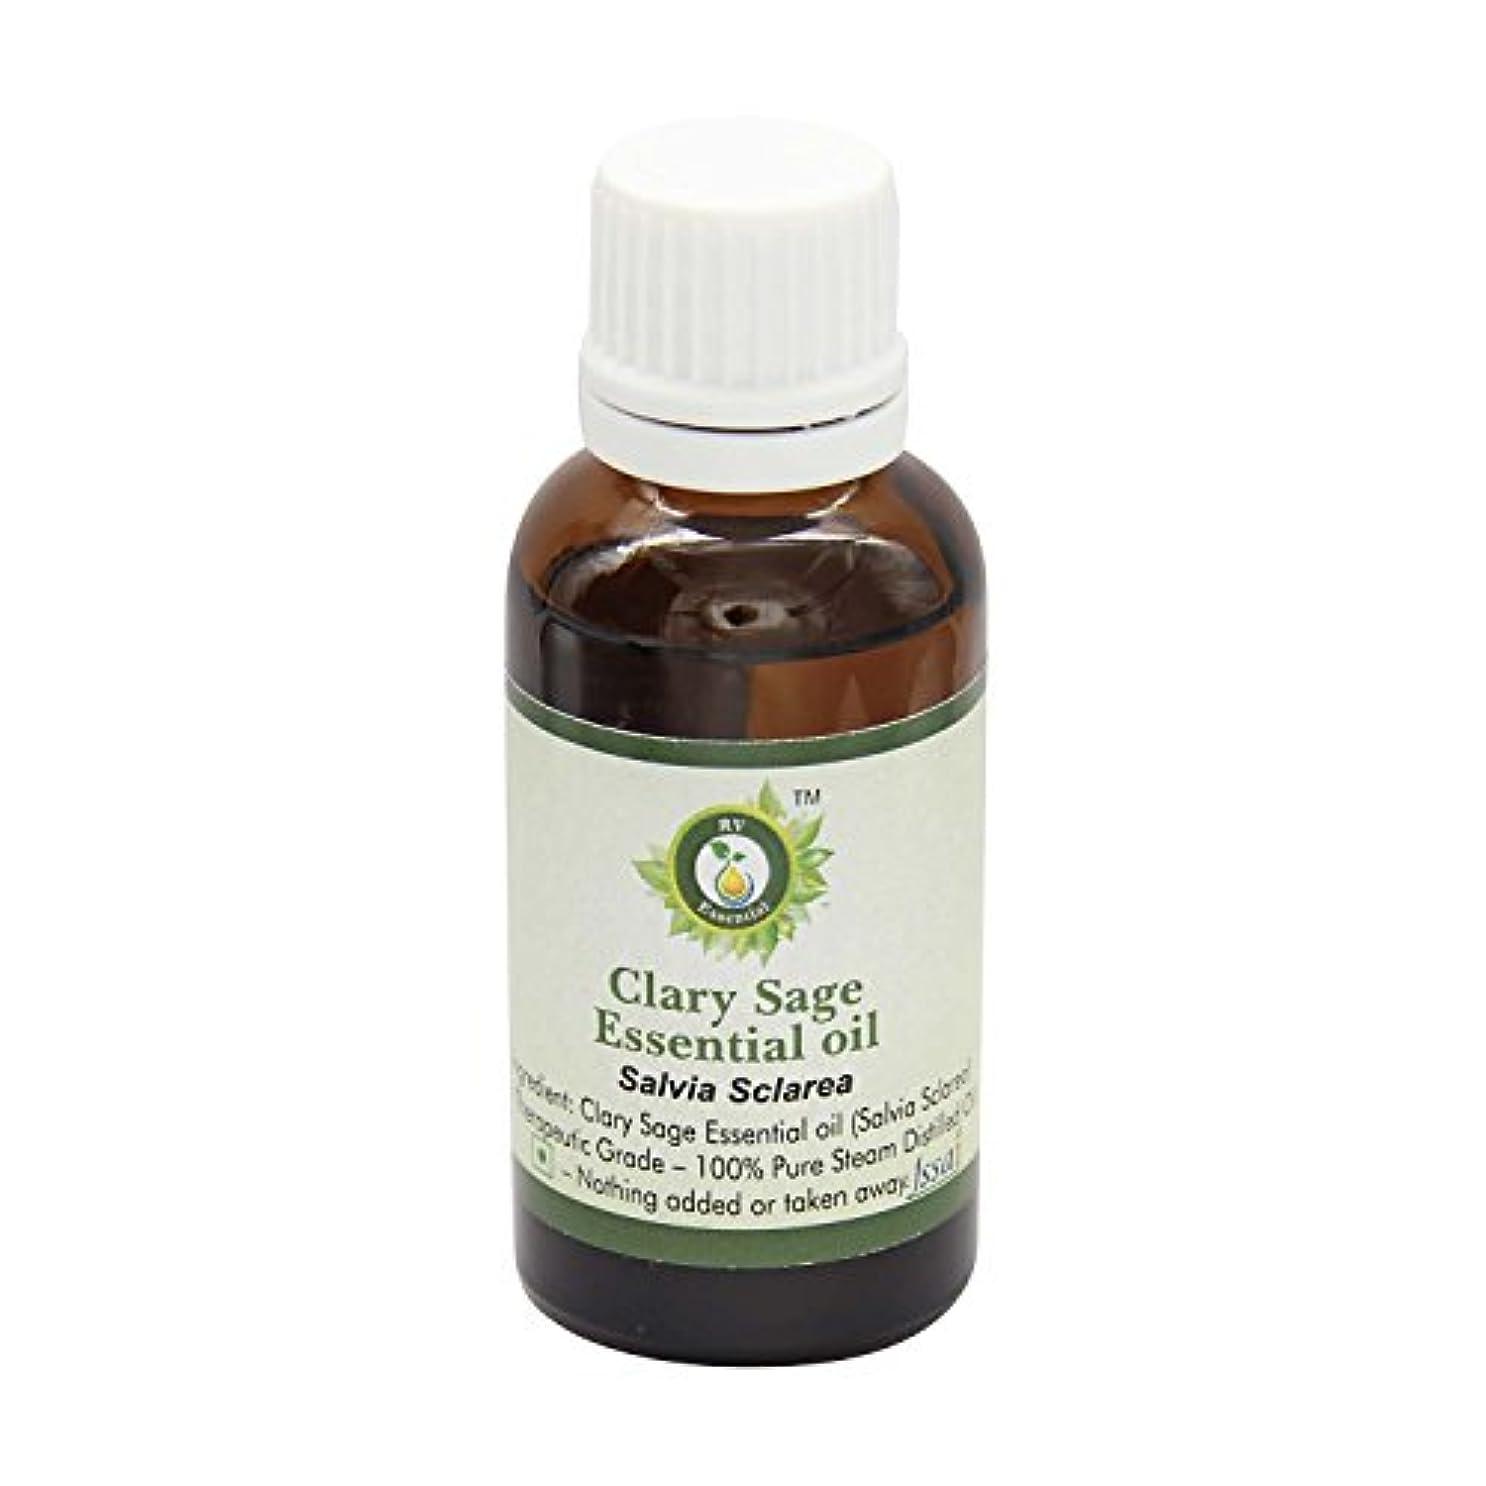 迷惑ピクニック大邸宅R V Essential ピュアクラリーセージエッセンシャルオイル630ml (21oz)- Salvia Sclarea (100%純粋&天然スチームDistilled) Pure Clary Sage Essential...